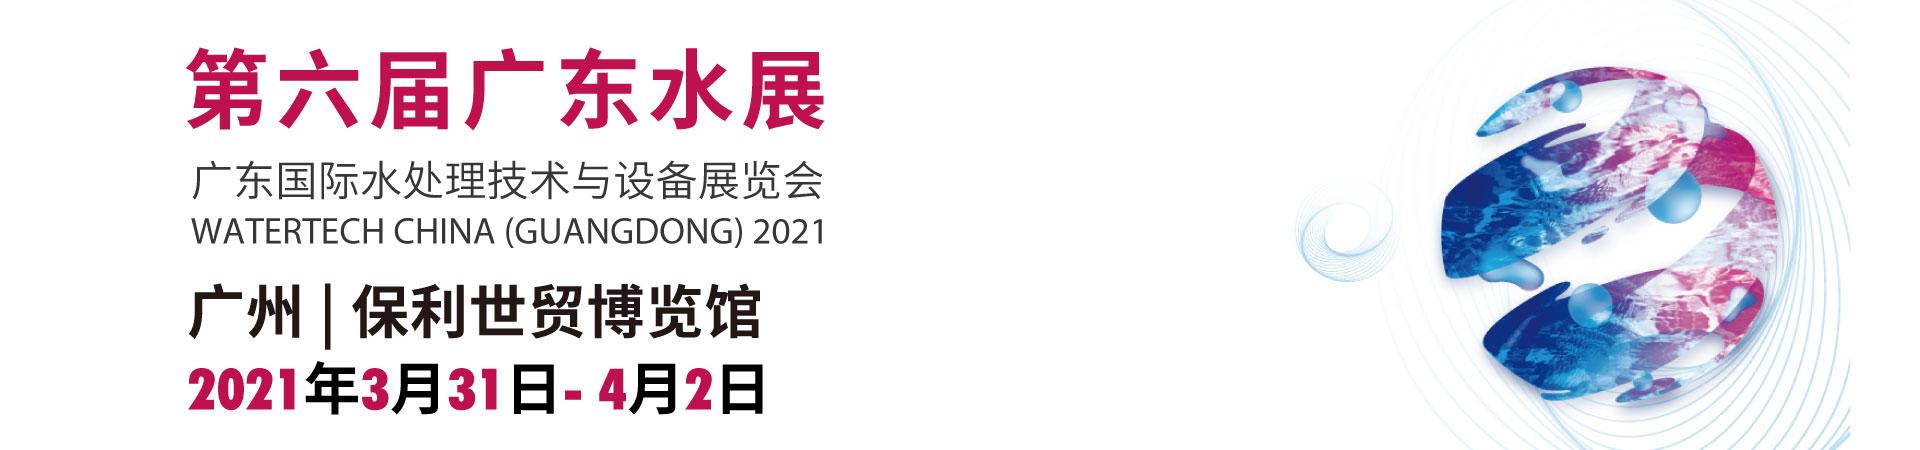 广东水展banner